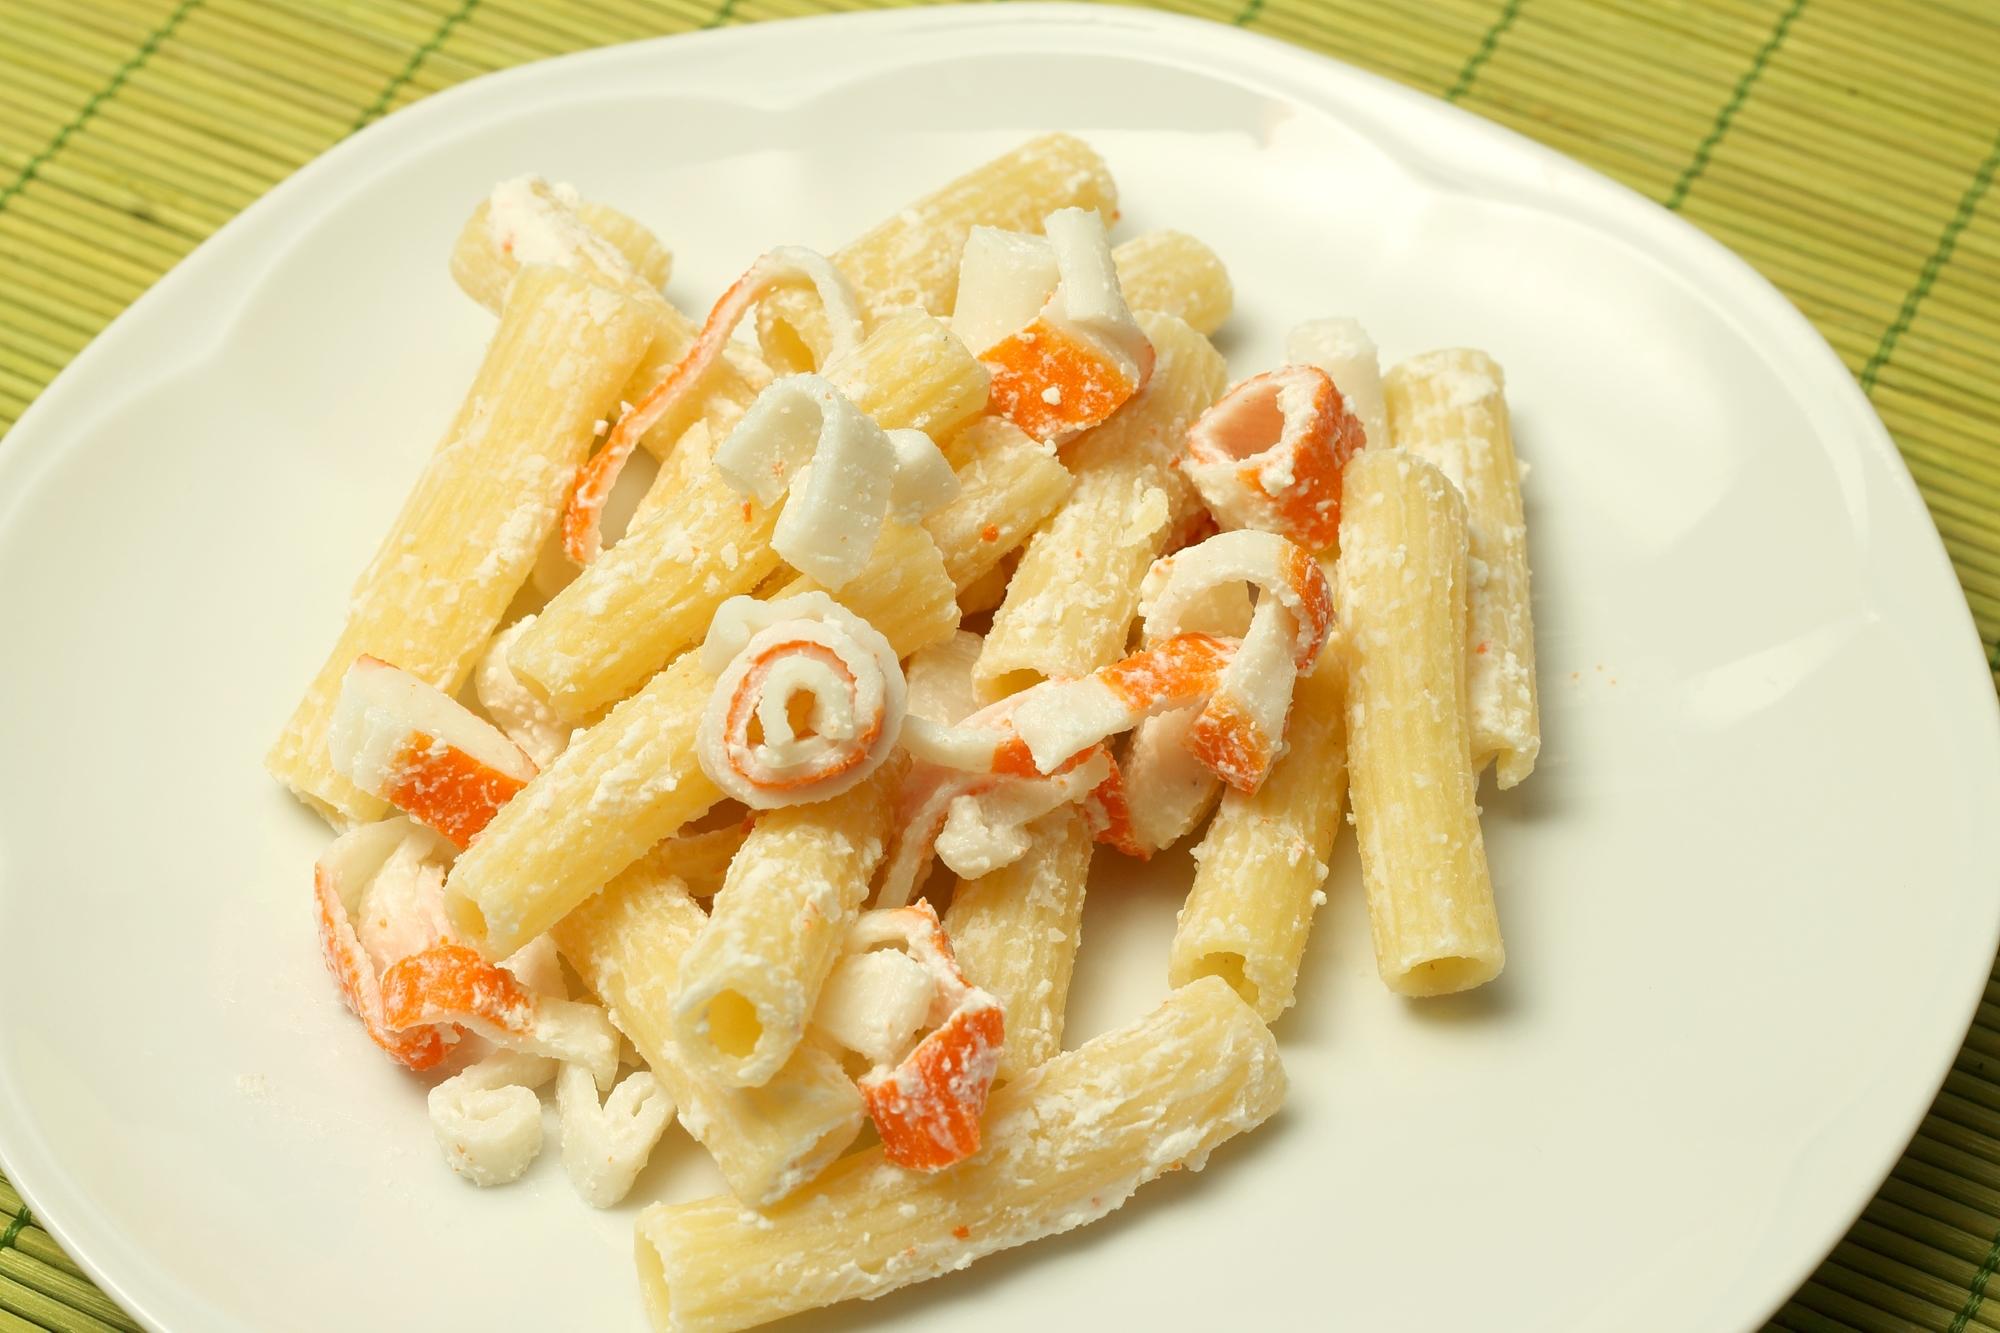 Těstovinový salát s krabími tyčinkami recept